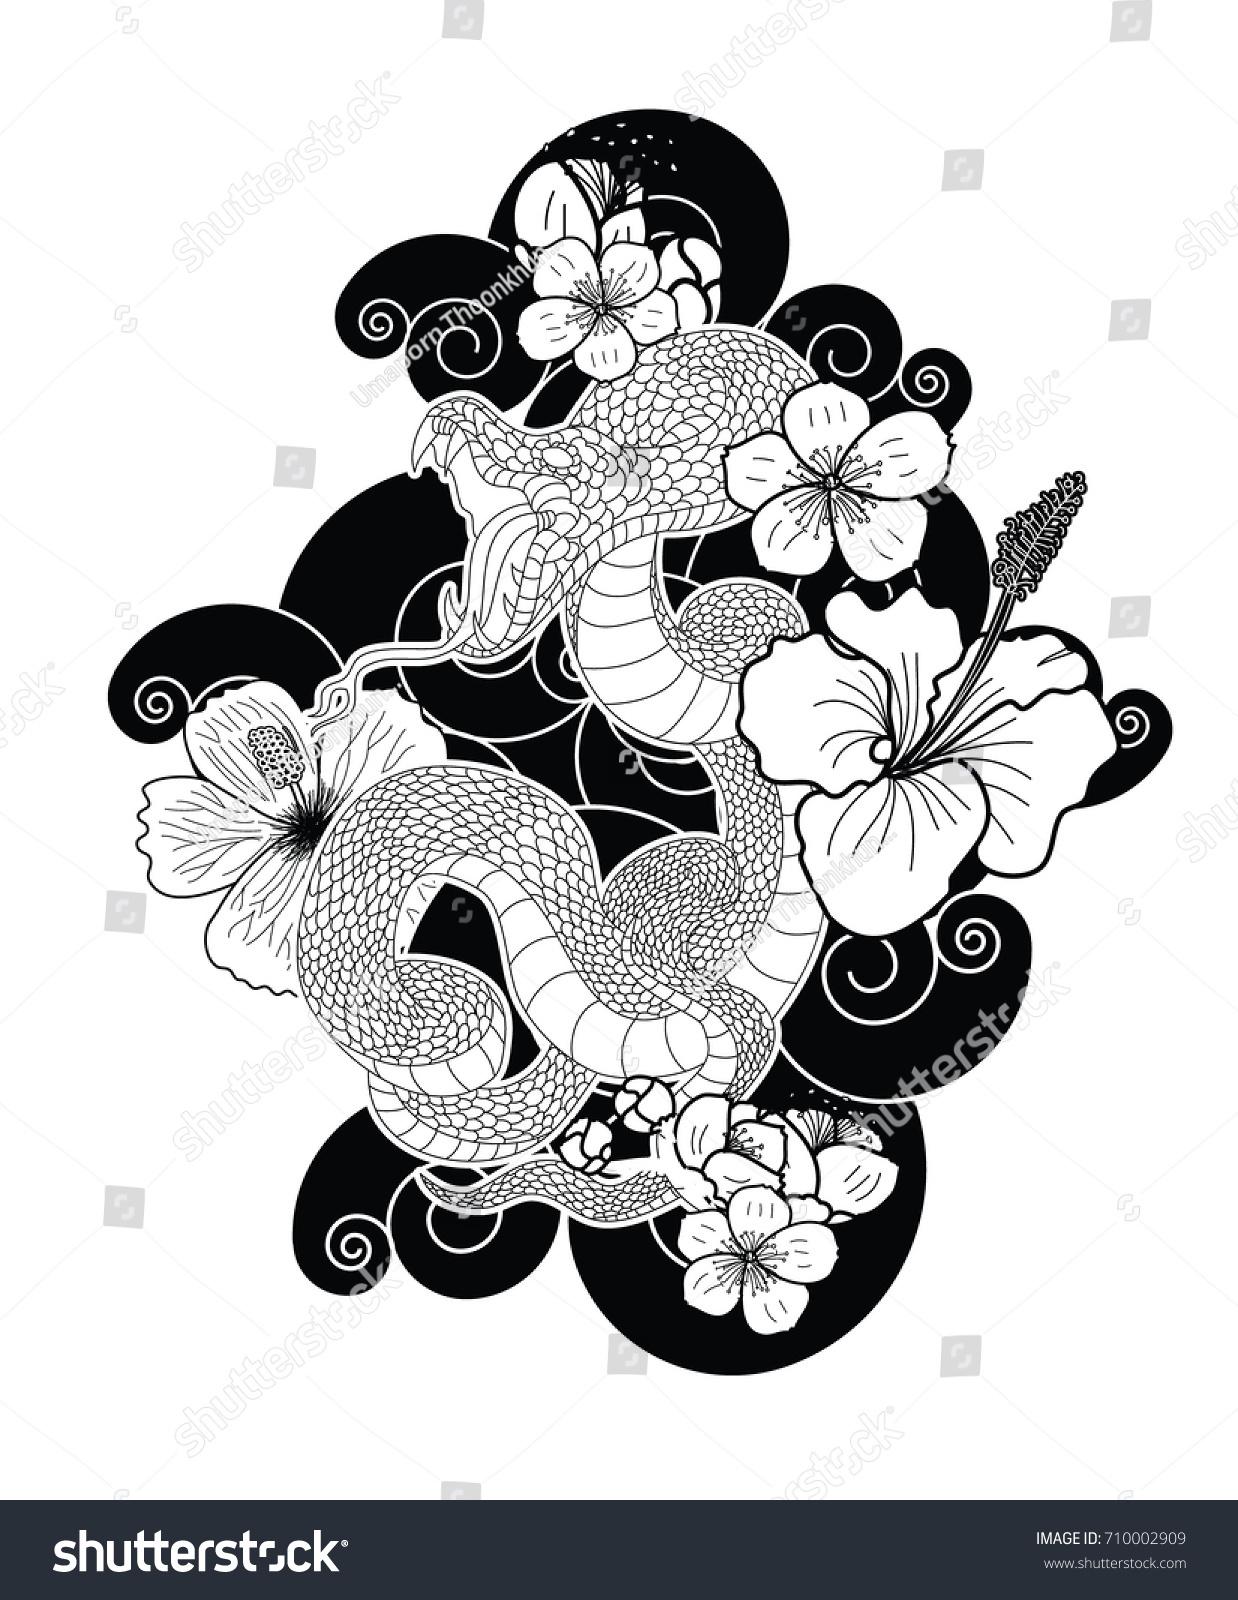 Japanese snake cherry blossom hibiscus flower stock vector royalty japanese snake with cherry blossom and hibiscus flower tattoo izmirmasajfo